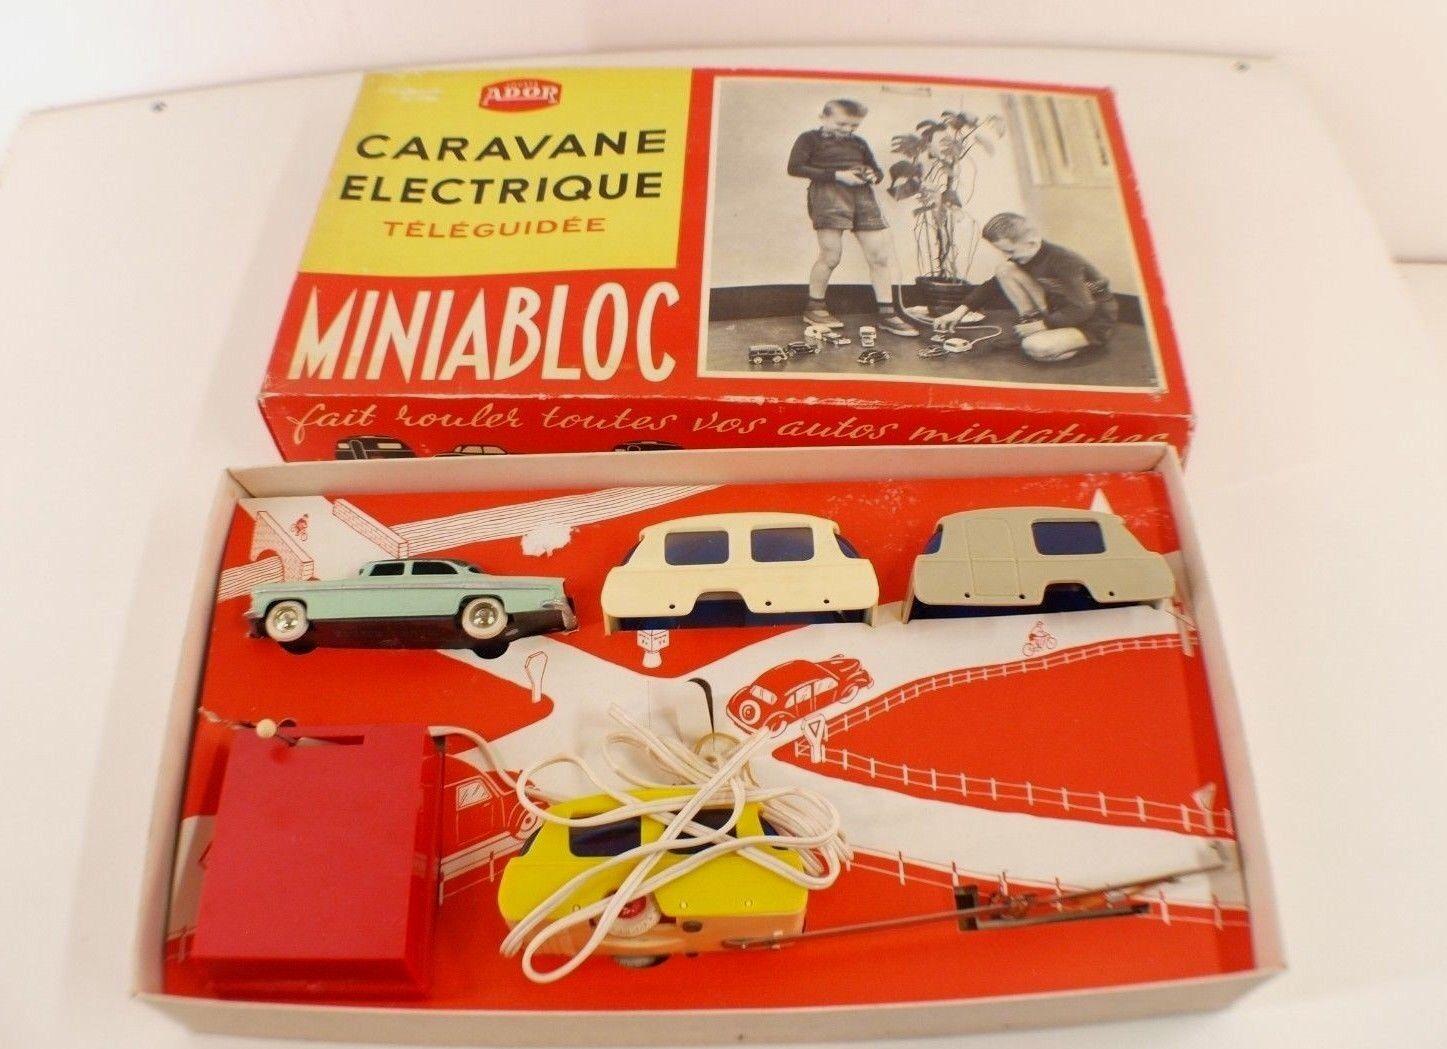 Miniabloc Jouets Jouets Jouets ADOR Poitiers Coffret Caravane ELECTRIQUE téléguidée CIJ rare 866996